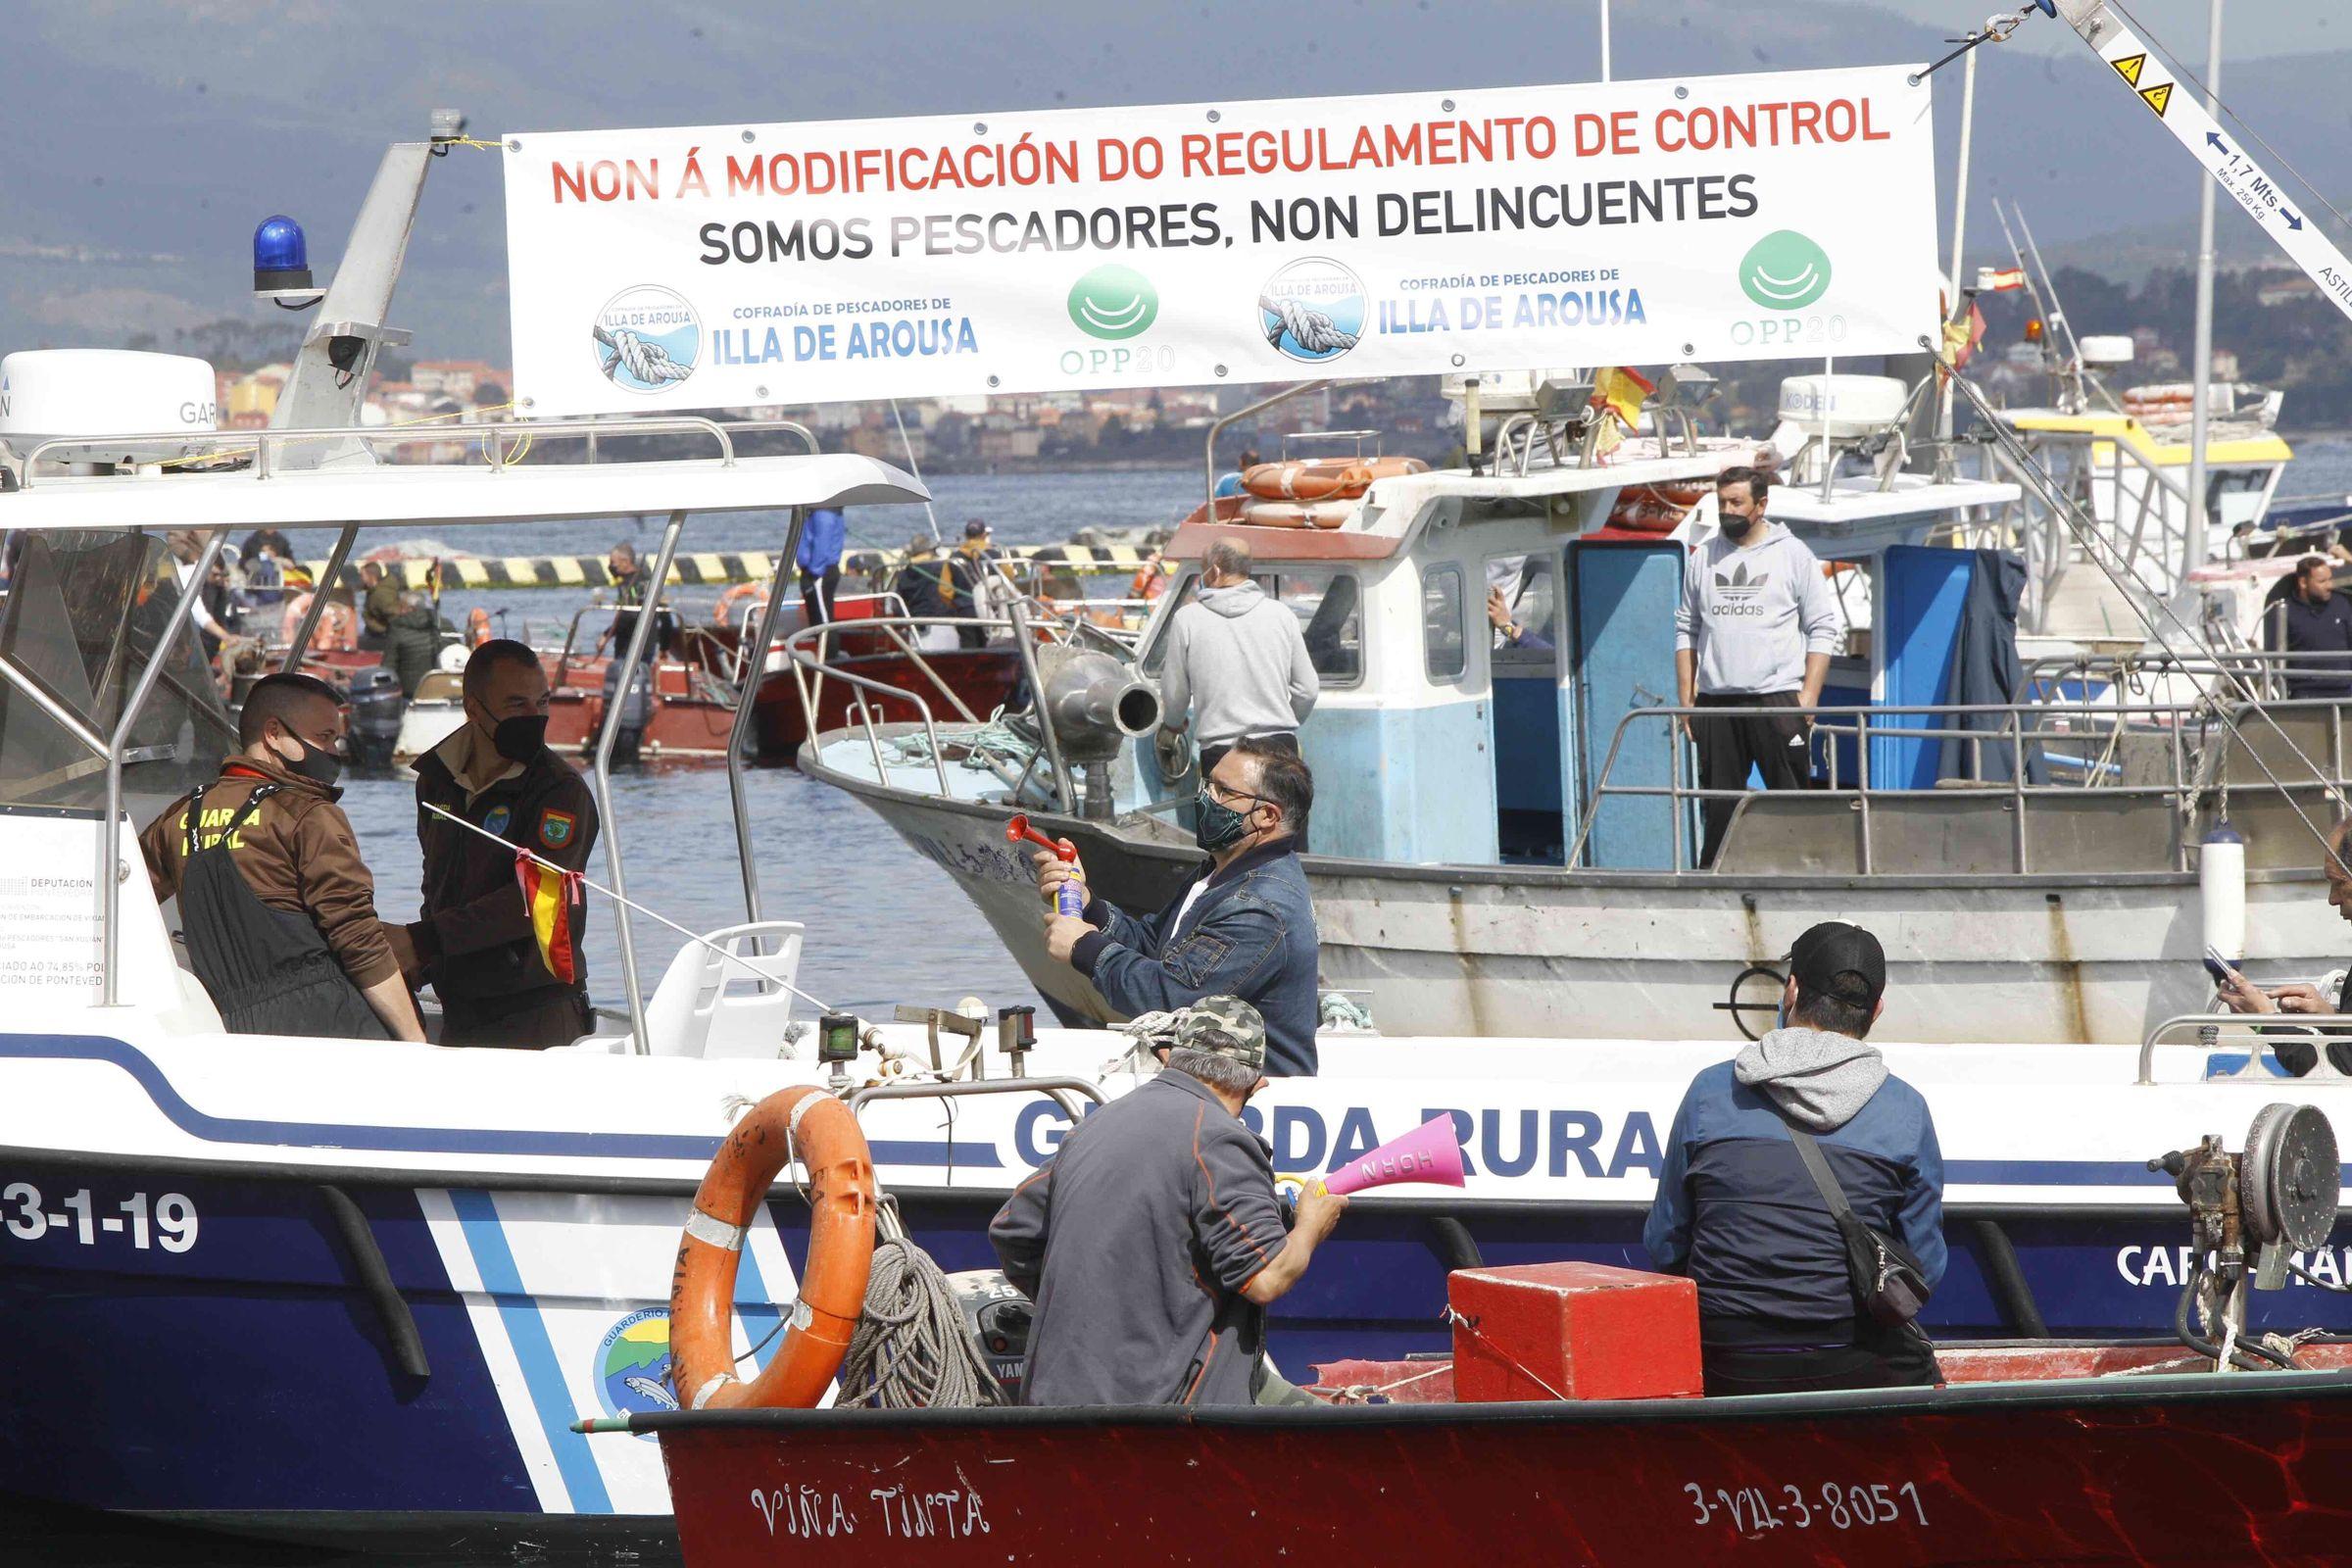 Las fotos de la protesta de la bajura gallega.Igual que el pasado 26 de marzo en A Illa de Arousa y la mayoría de puertos gallegos, este viernes a mediodía está convocadas protestas de barcos y mariscadores